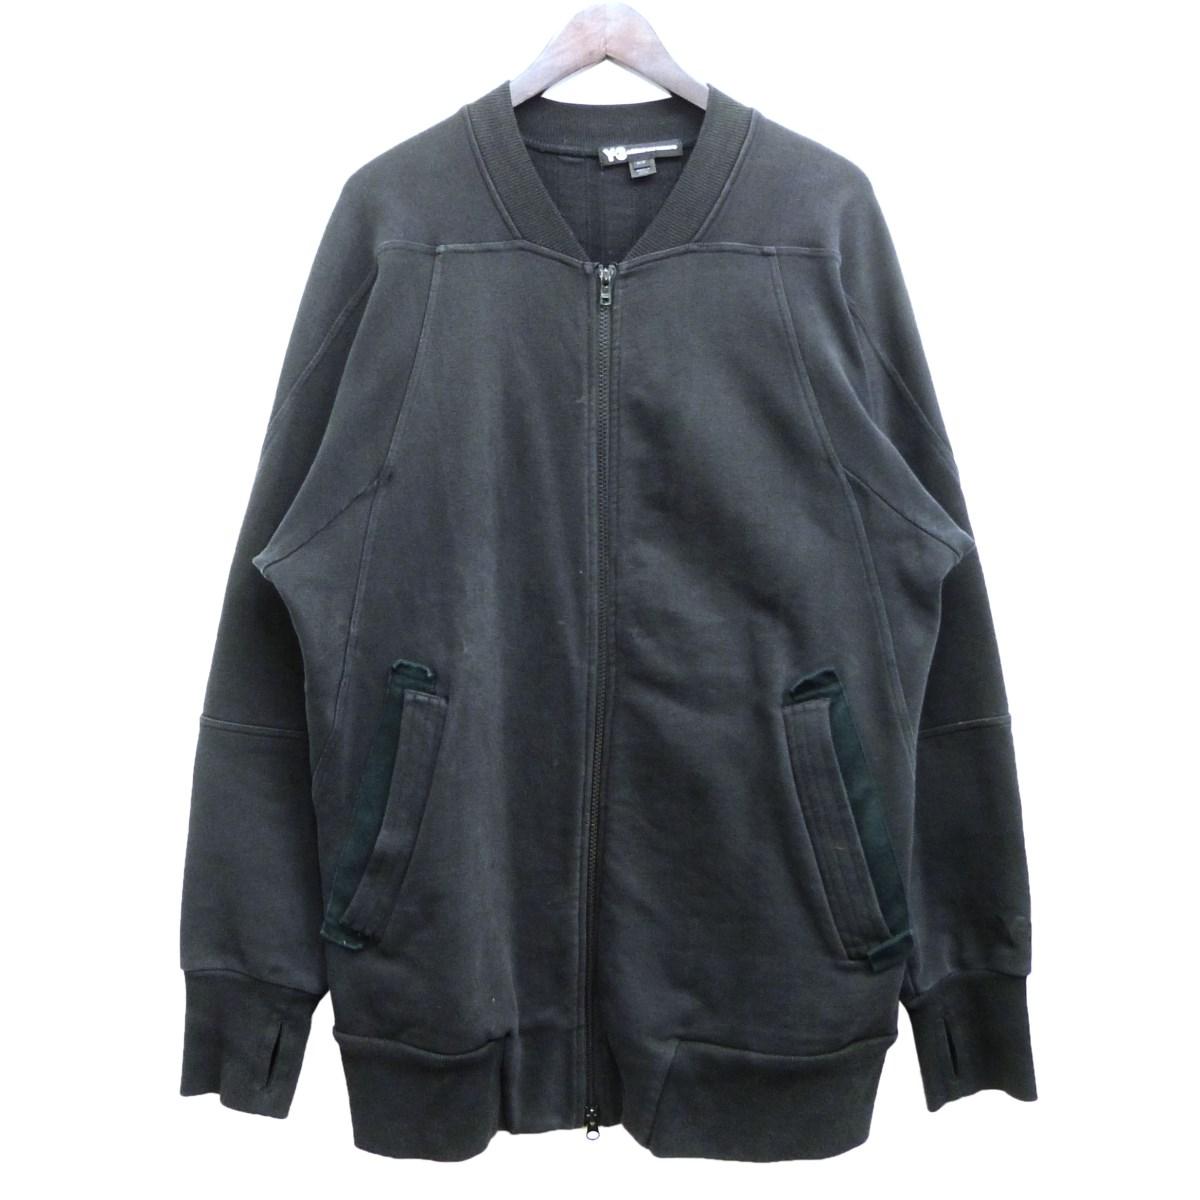 【中古】Y-3 3ストライプスウェットボンバージャケット ブラック サイズ:M 【010420】(ワイスリー)